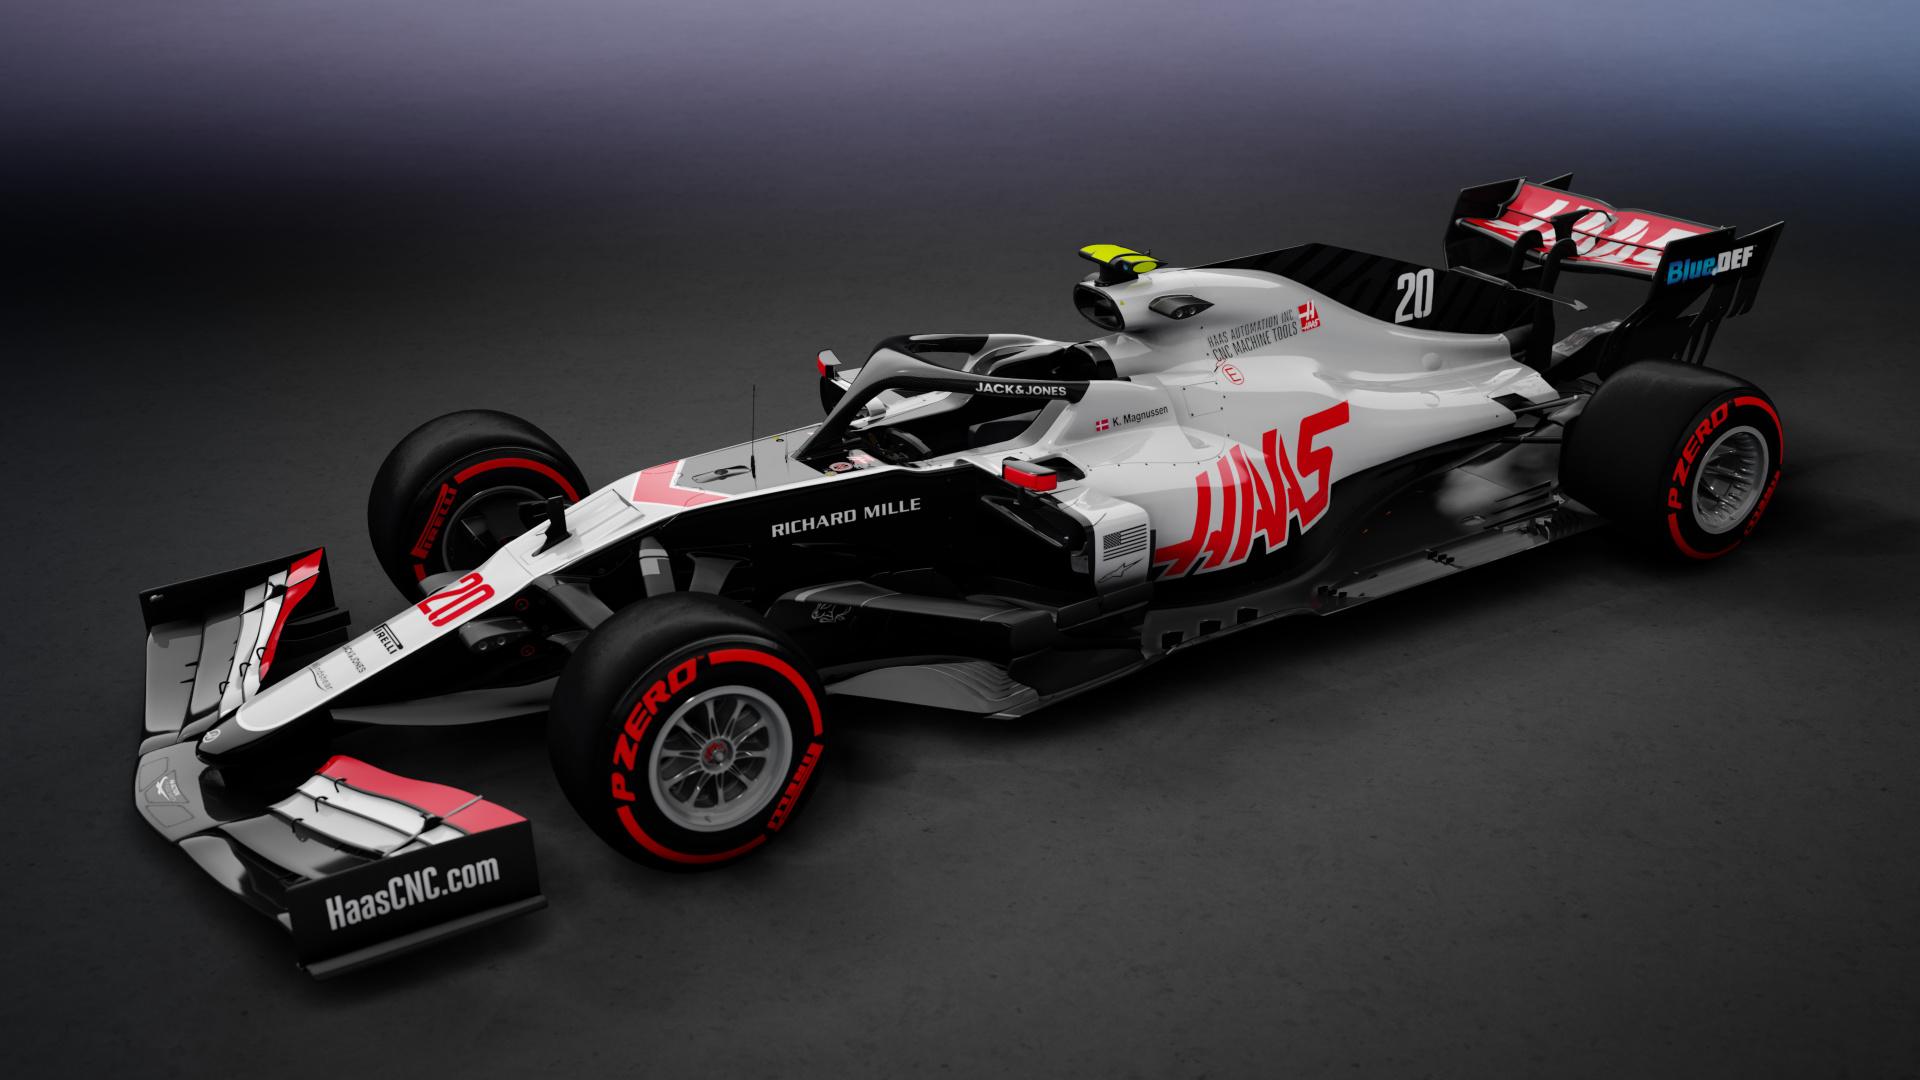 2020 Haas F1 Team Vf 20 Rss Fh19 4k Hd Racedepartment